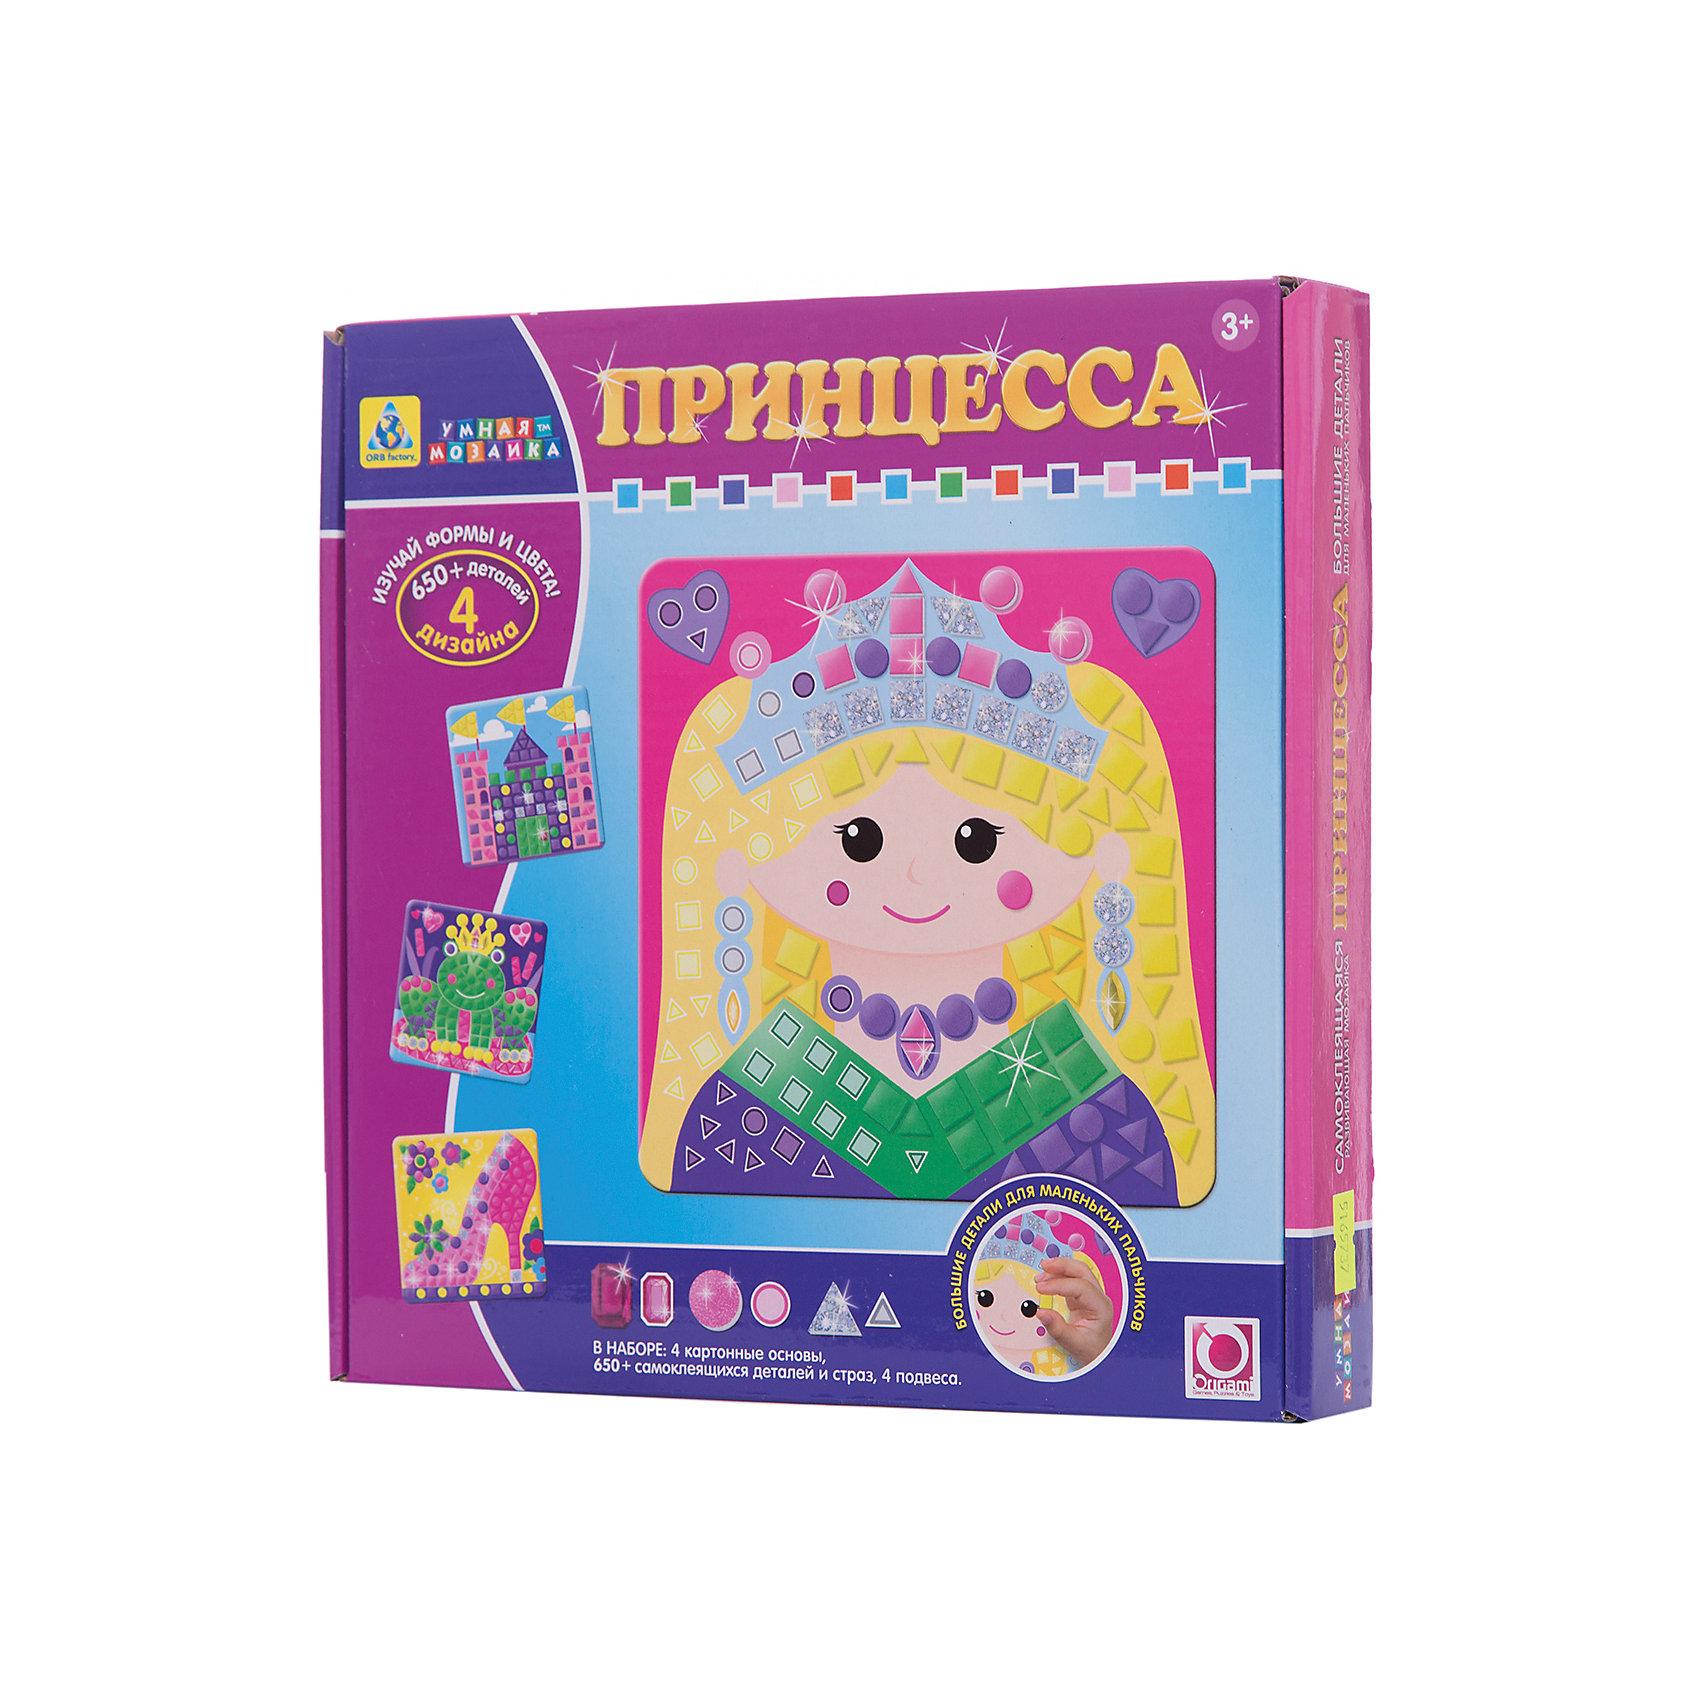 Orb Factory Мозаика-набор для малышей Принцесса мозаики the orb factory мозаика набор пони 4 шт